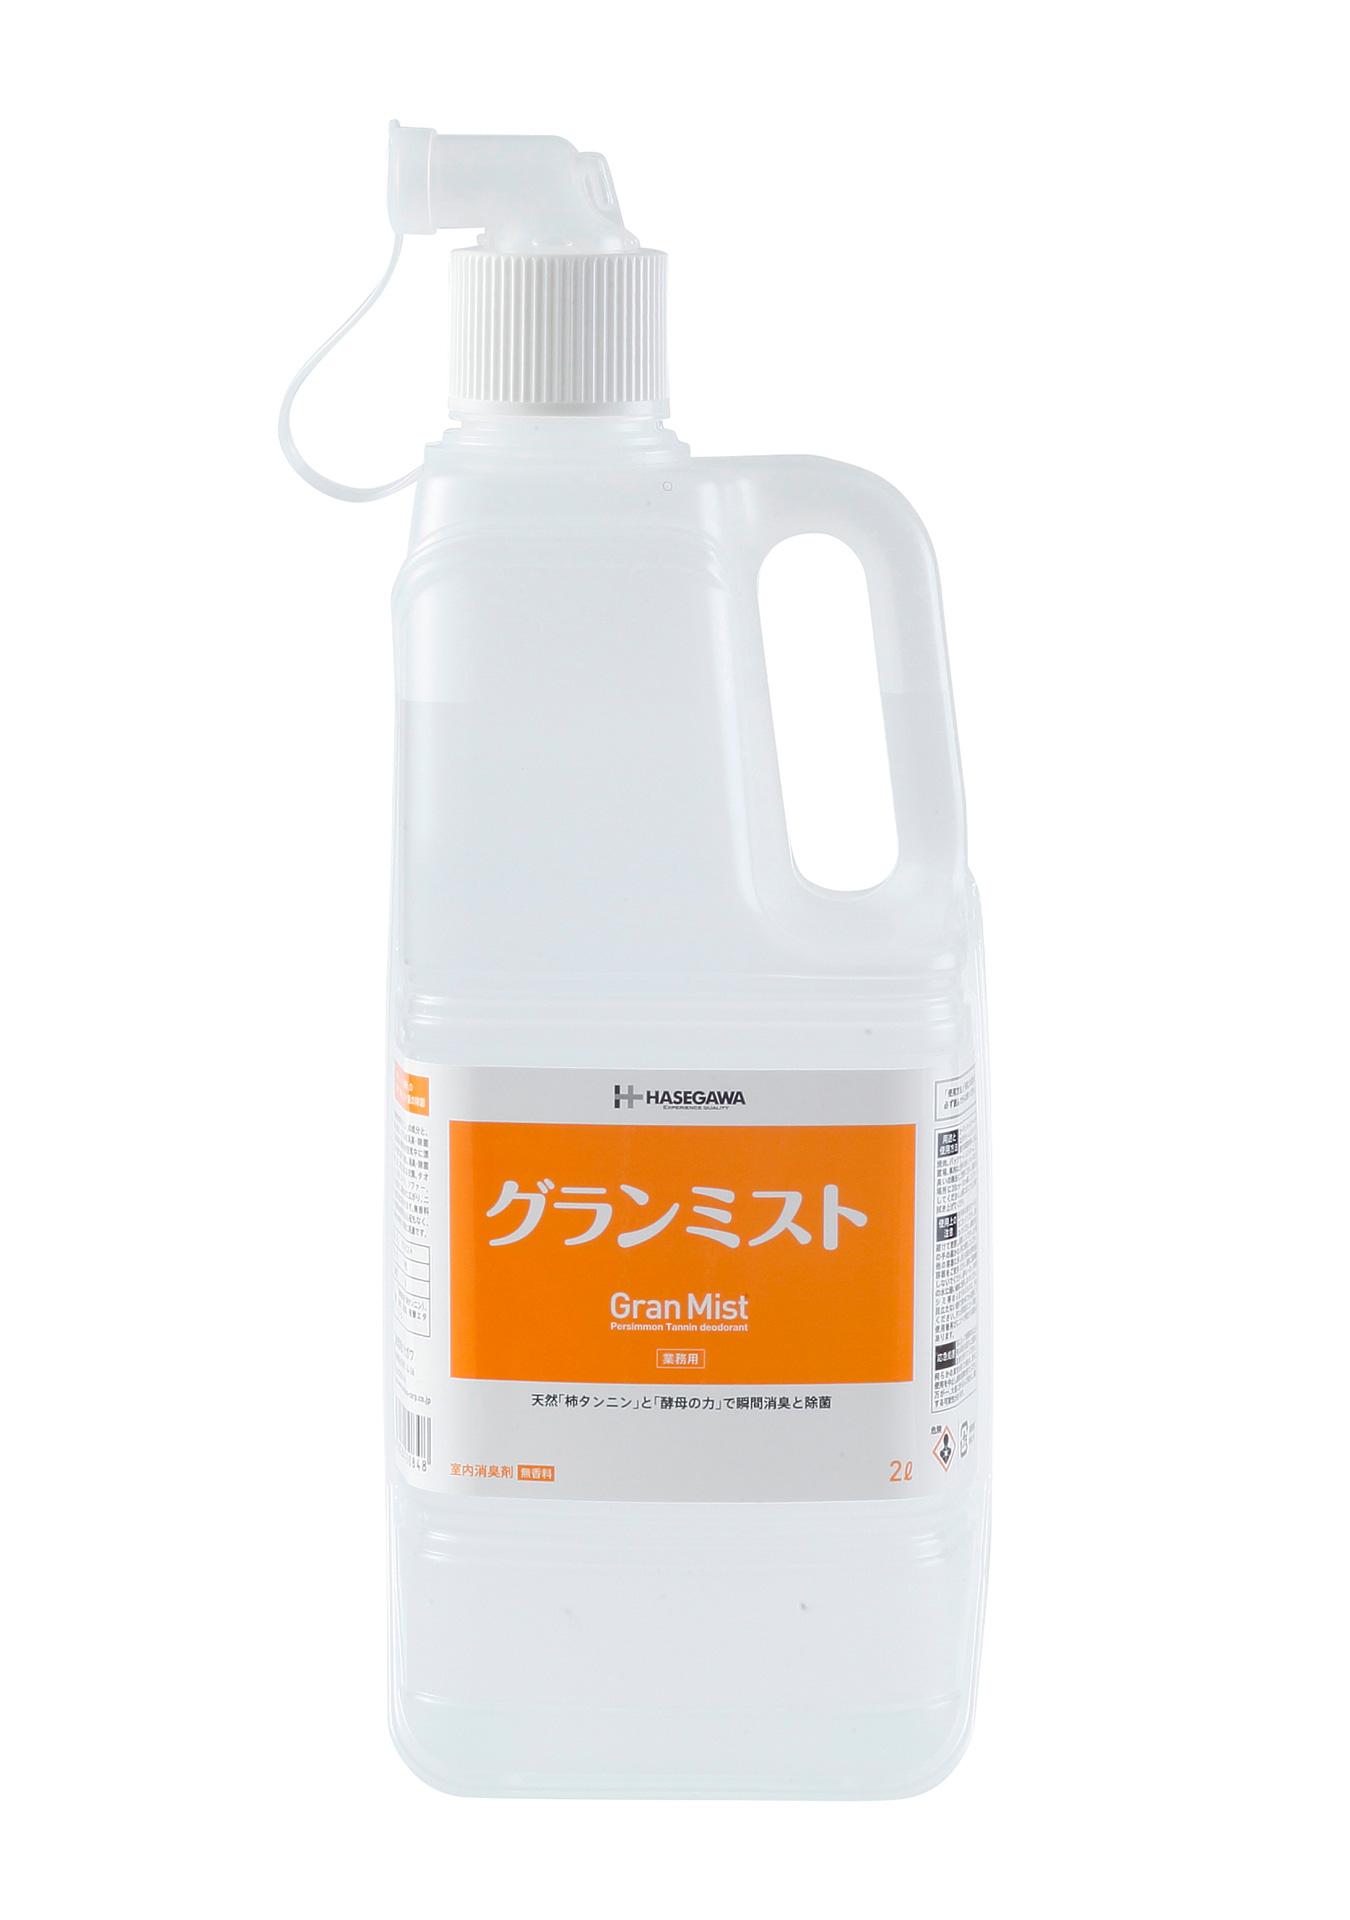 消臭・除菌スプレー グランミスト 詰替用(2L)